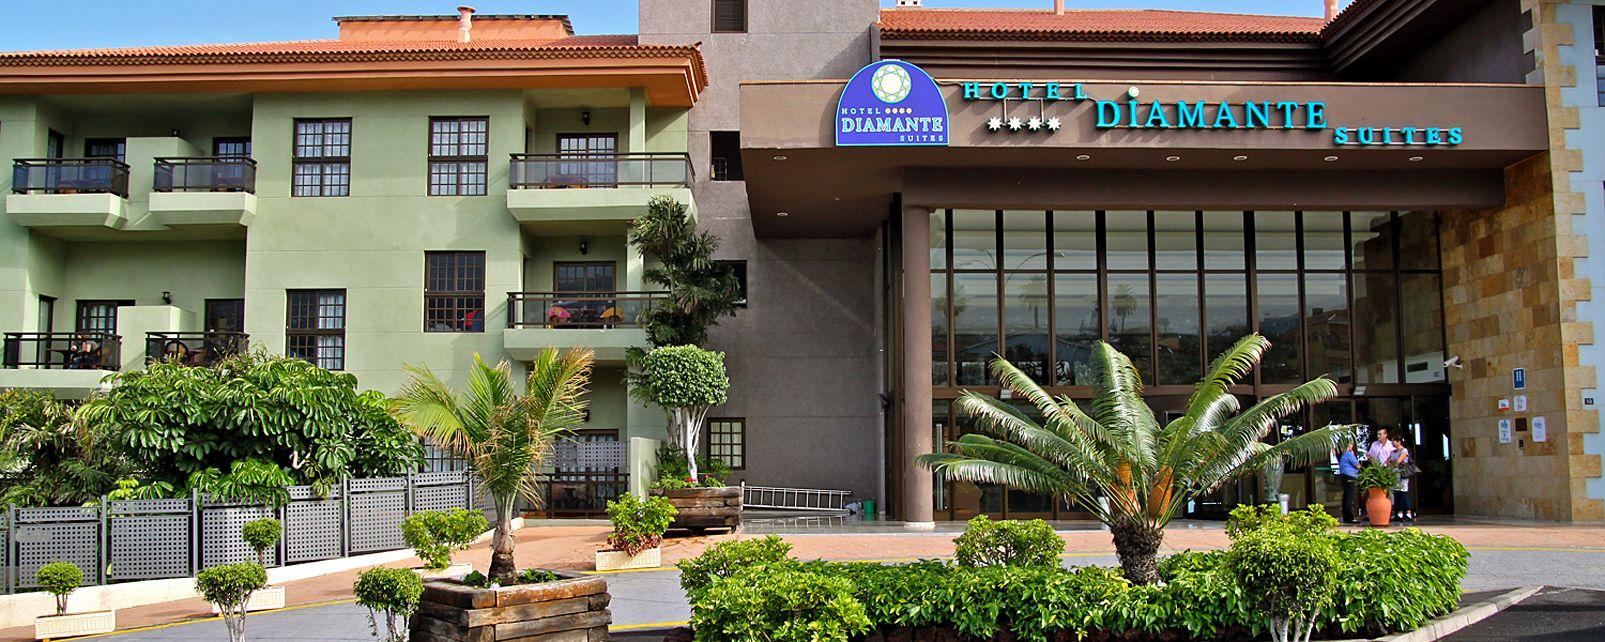 Oferta nochevieja en hotel diamante suites 4 el puerto de la cruz - Ofertas hoteles puerto de la cruz ...